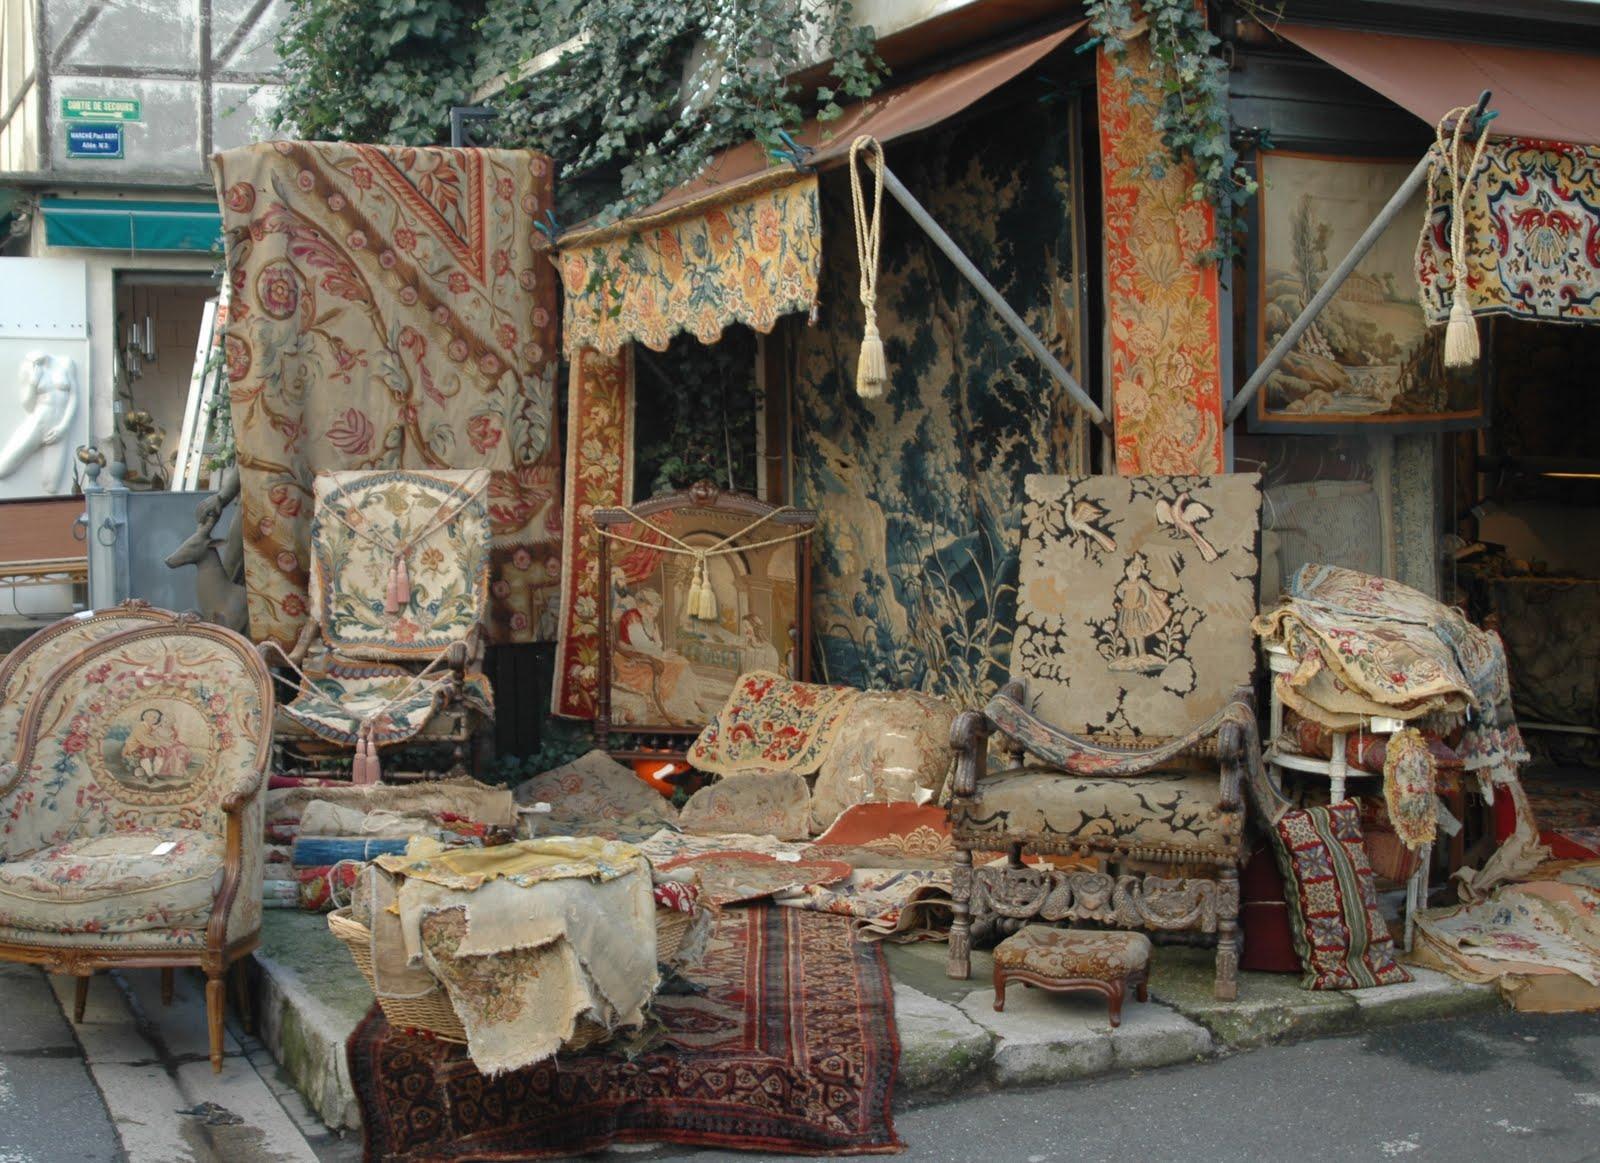 Director of Ritual Projects LA Courtney Wittich selects Les Puces de Sant-Ouen flea market in Paris